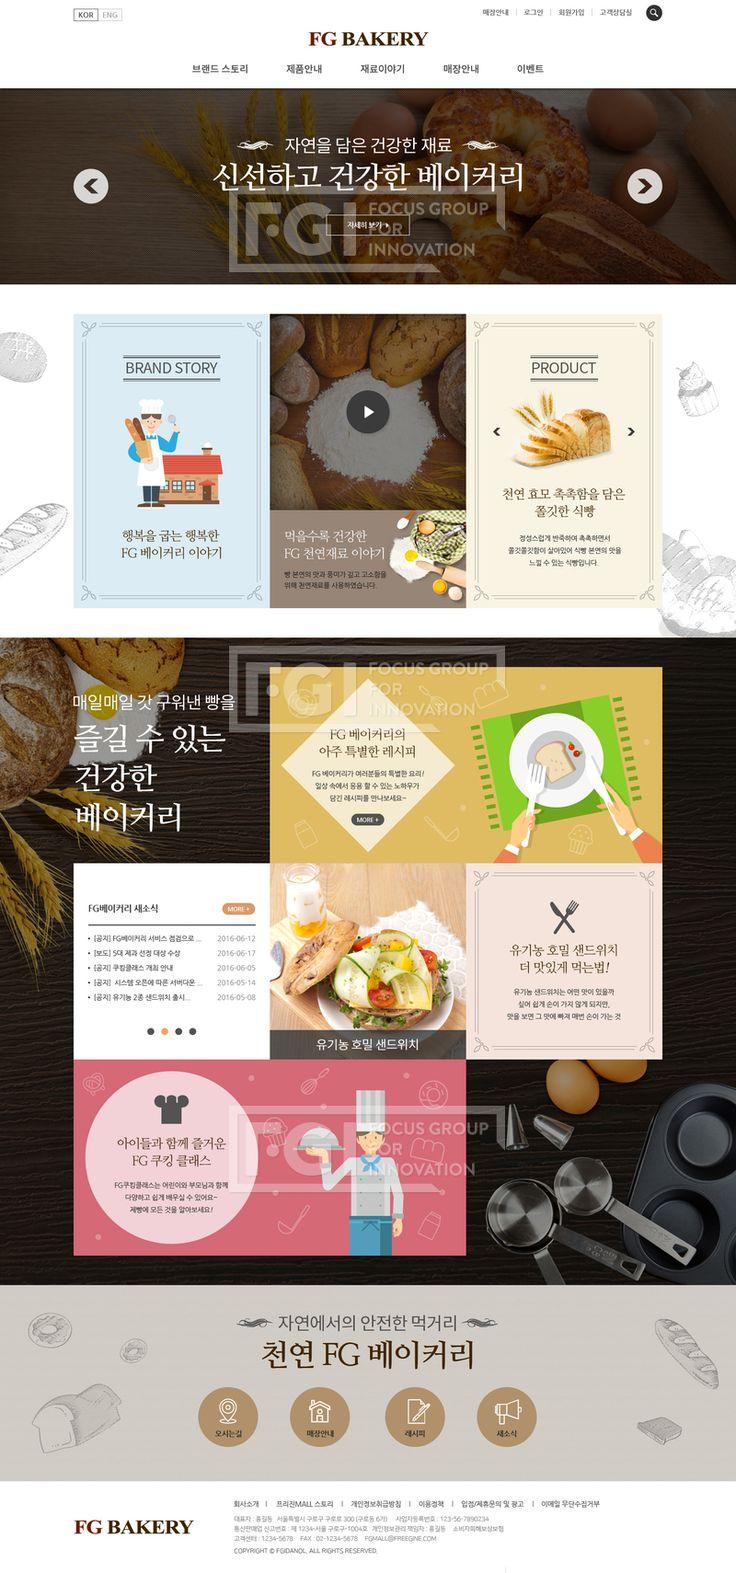 B045, 프리진, 웹디자인, 에프지아이, 메인템플릿, 비즈니스웹템플릿, 웹템플릿, 홈페이지, 비즈니스, 음식, 빵, 제과, 요리사, 식품…